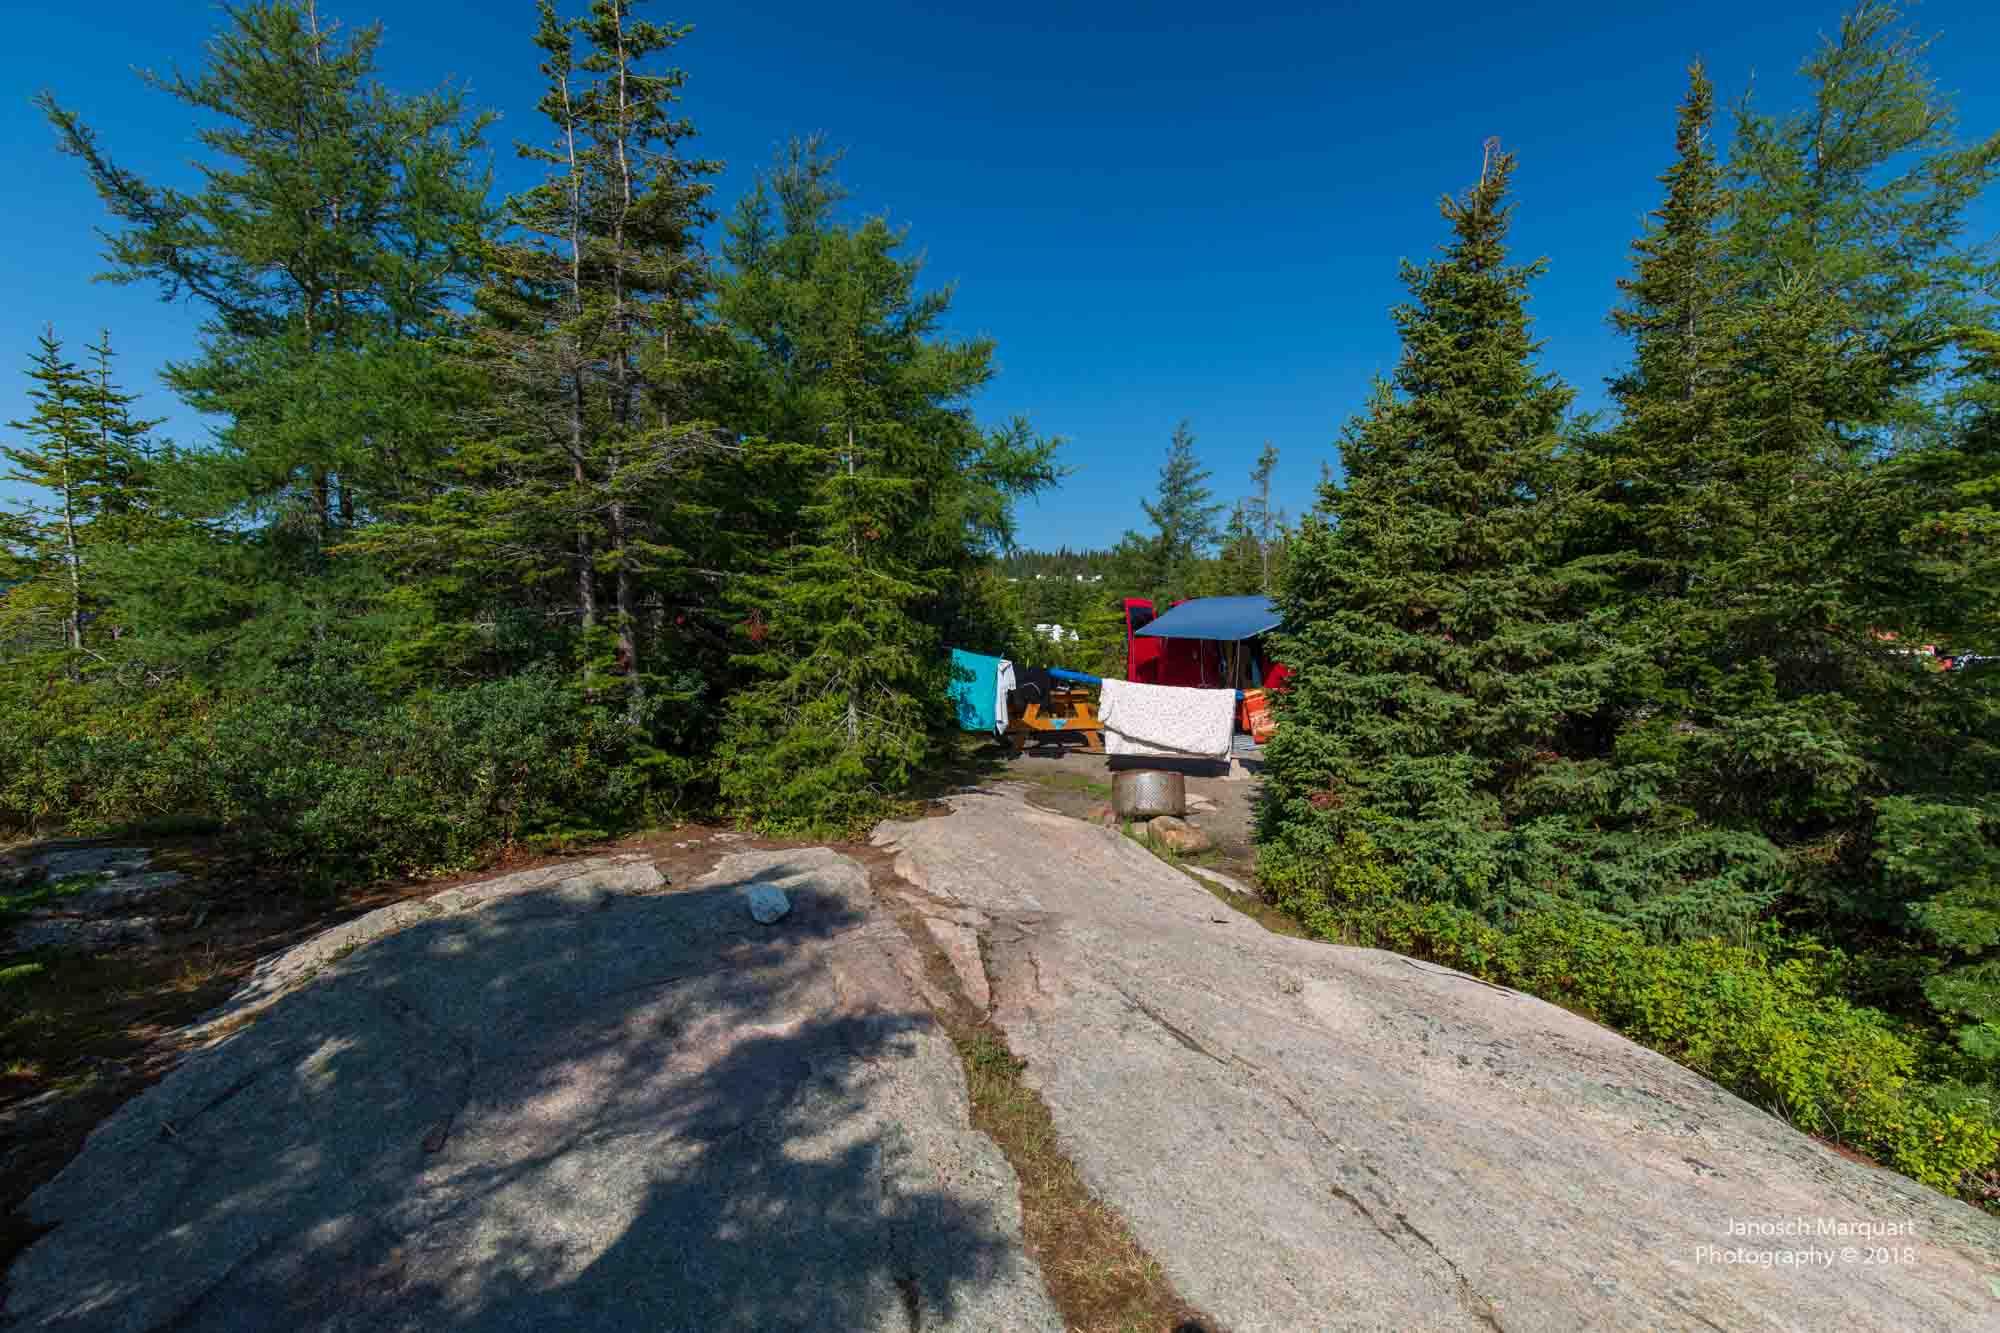 Foto eines privaten Campingplatzes zwischen Bäumen und Felsen.